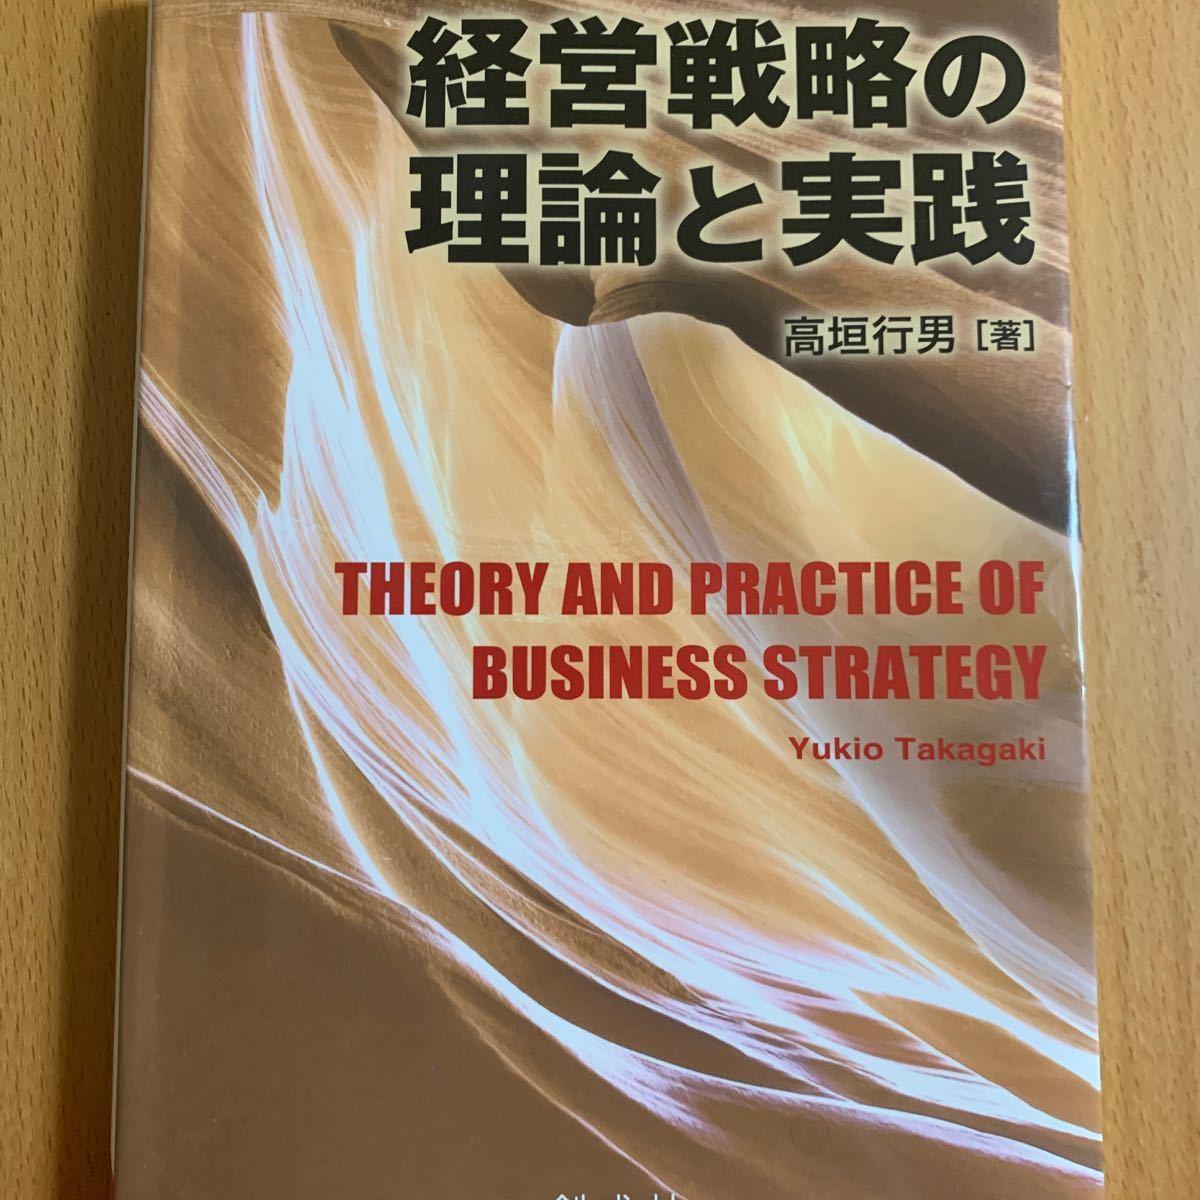 経営戦略の理論と実践